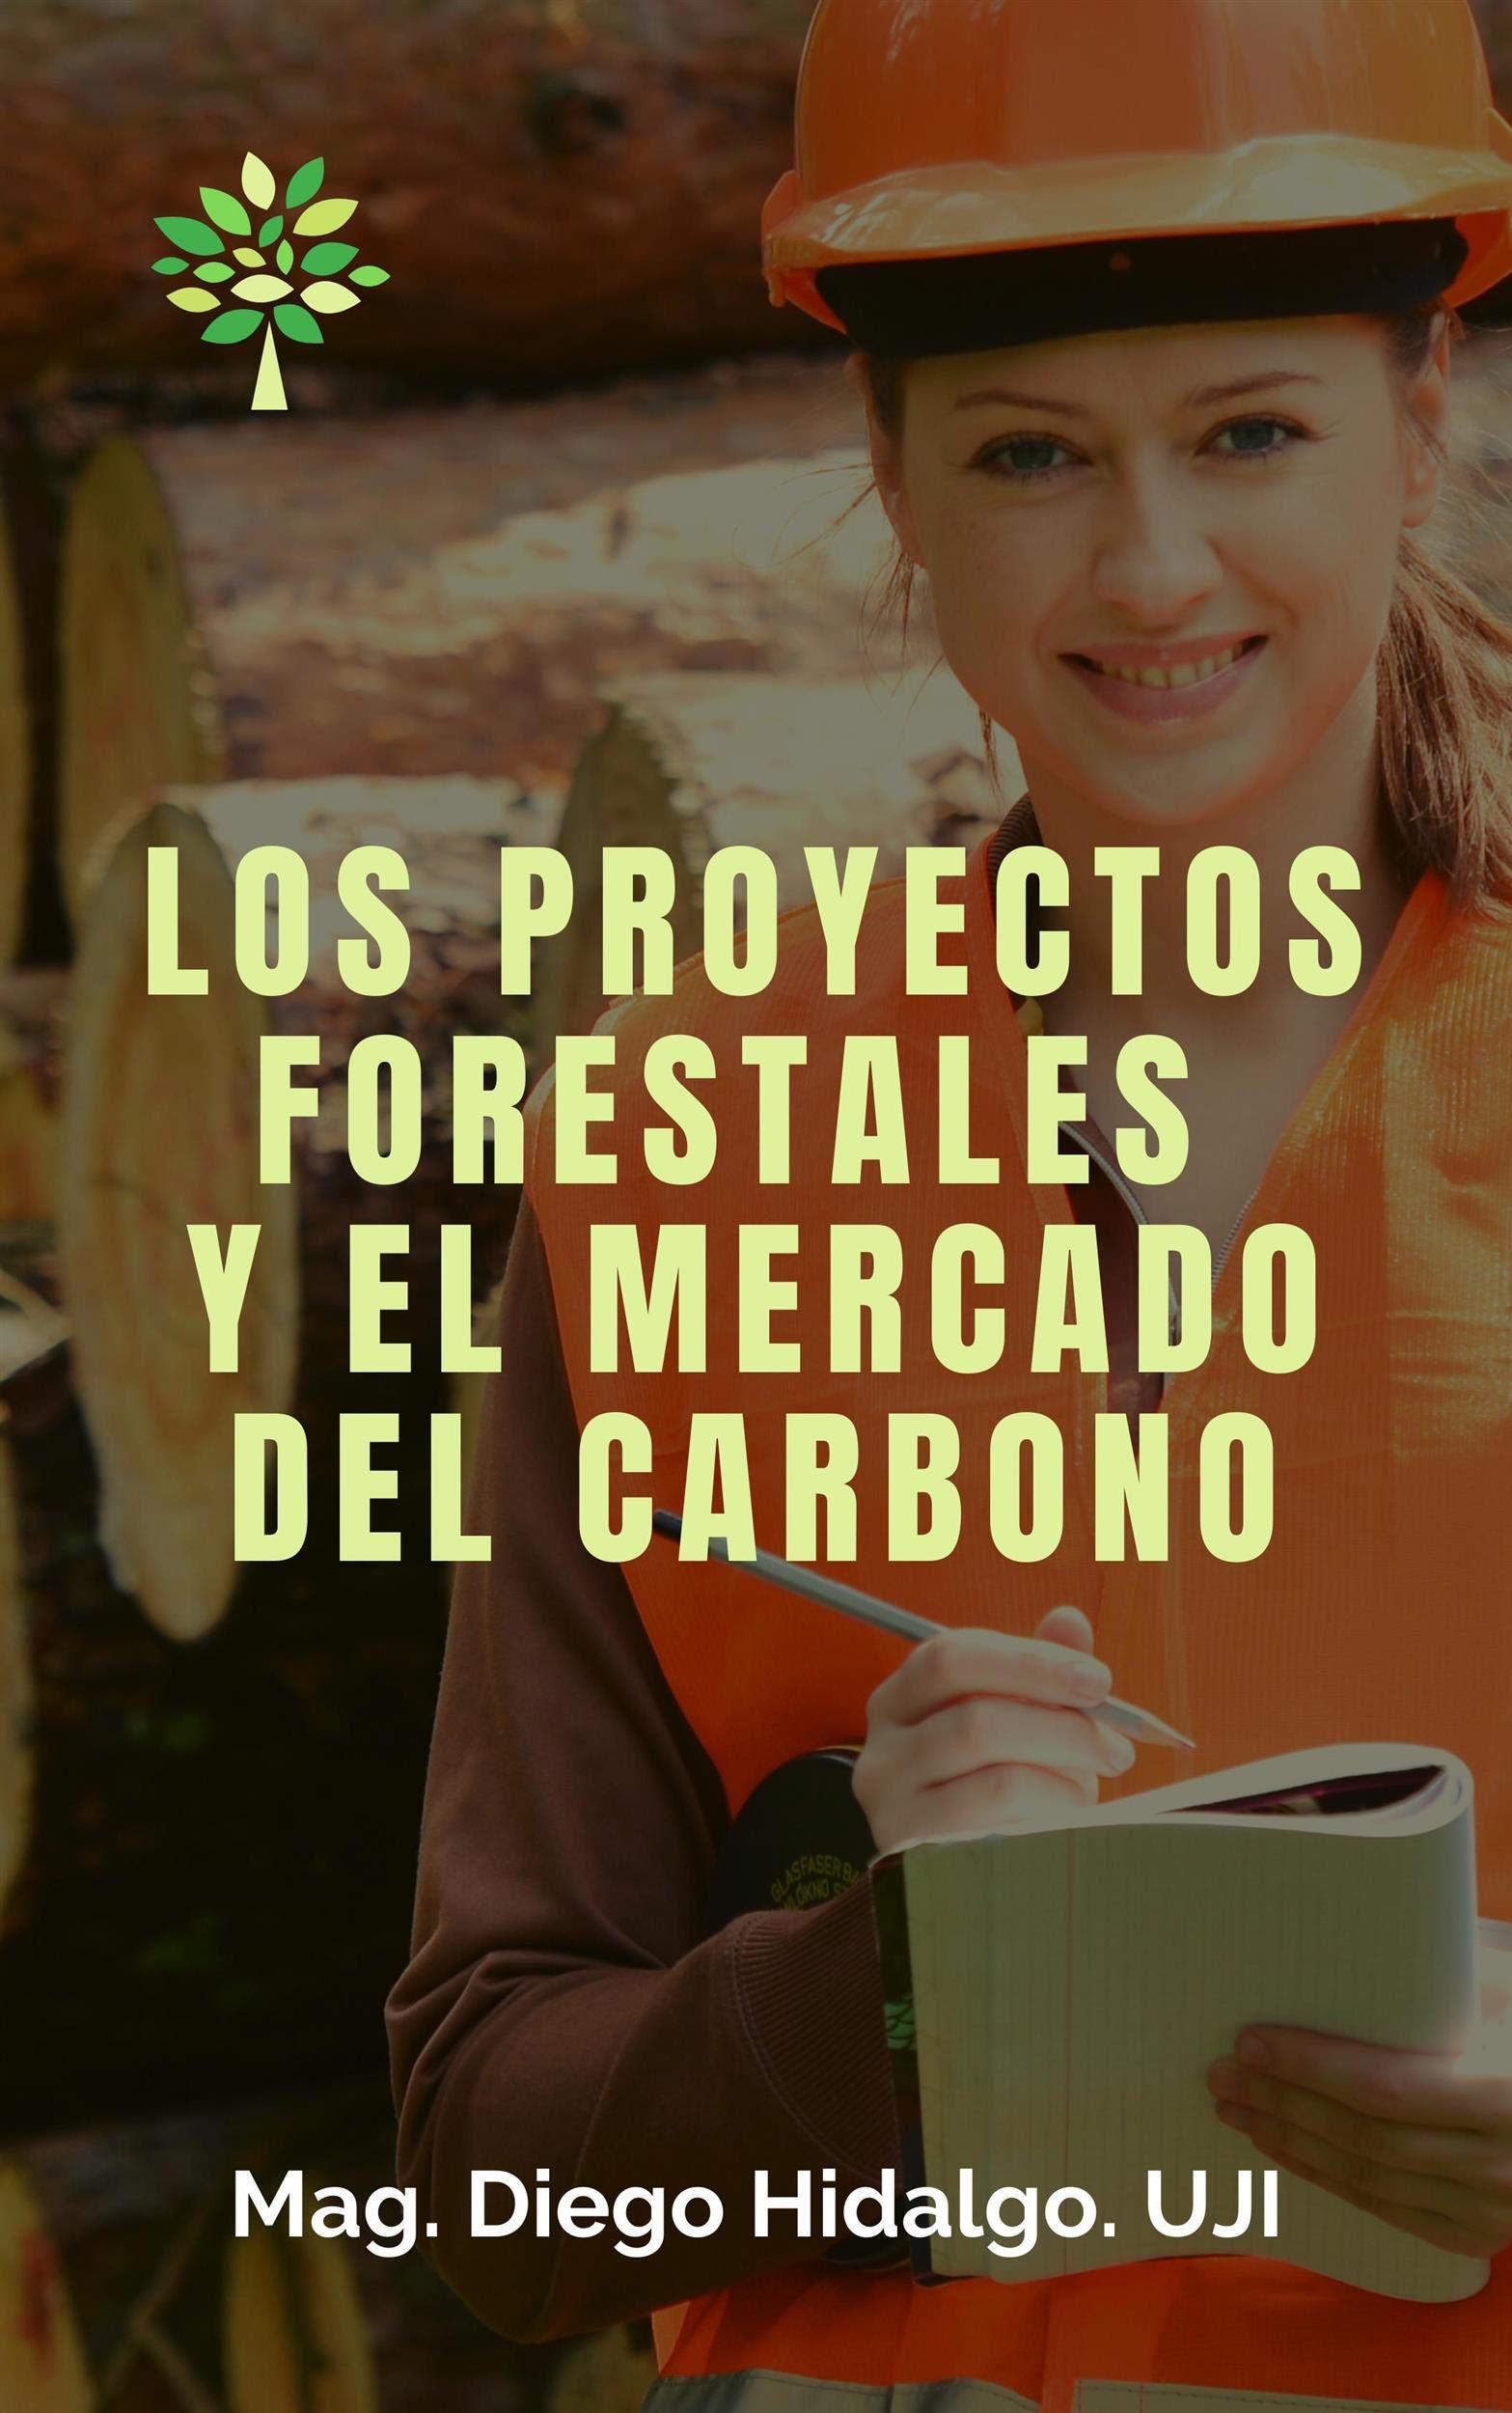 Los proyectos forestales y el mercado del carbono (Spanish Edition)